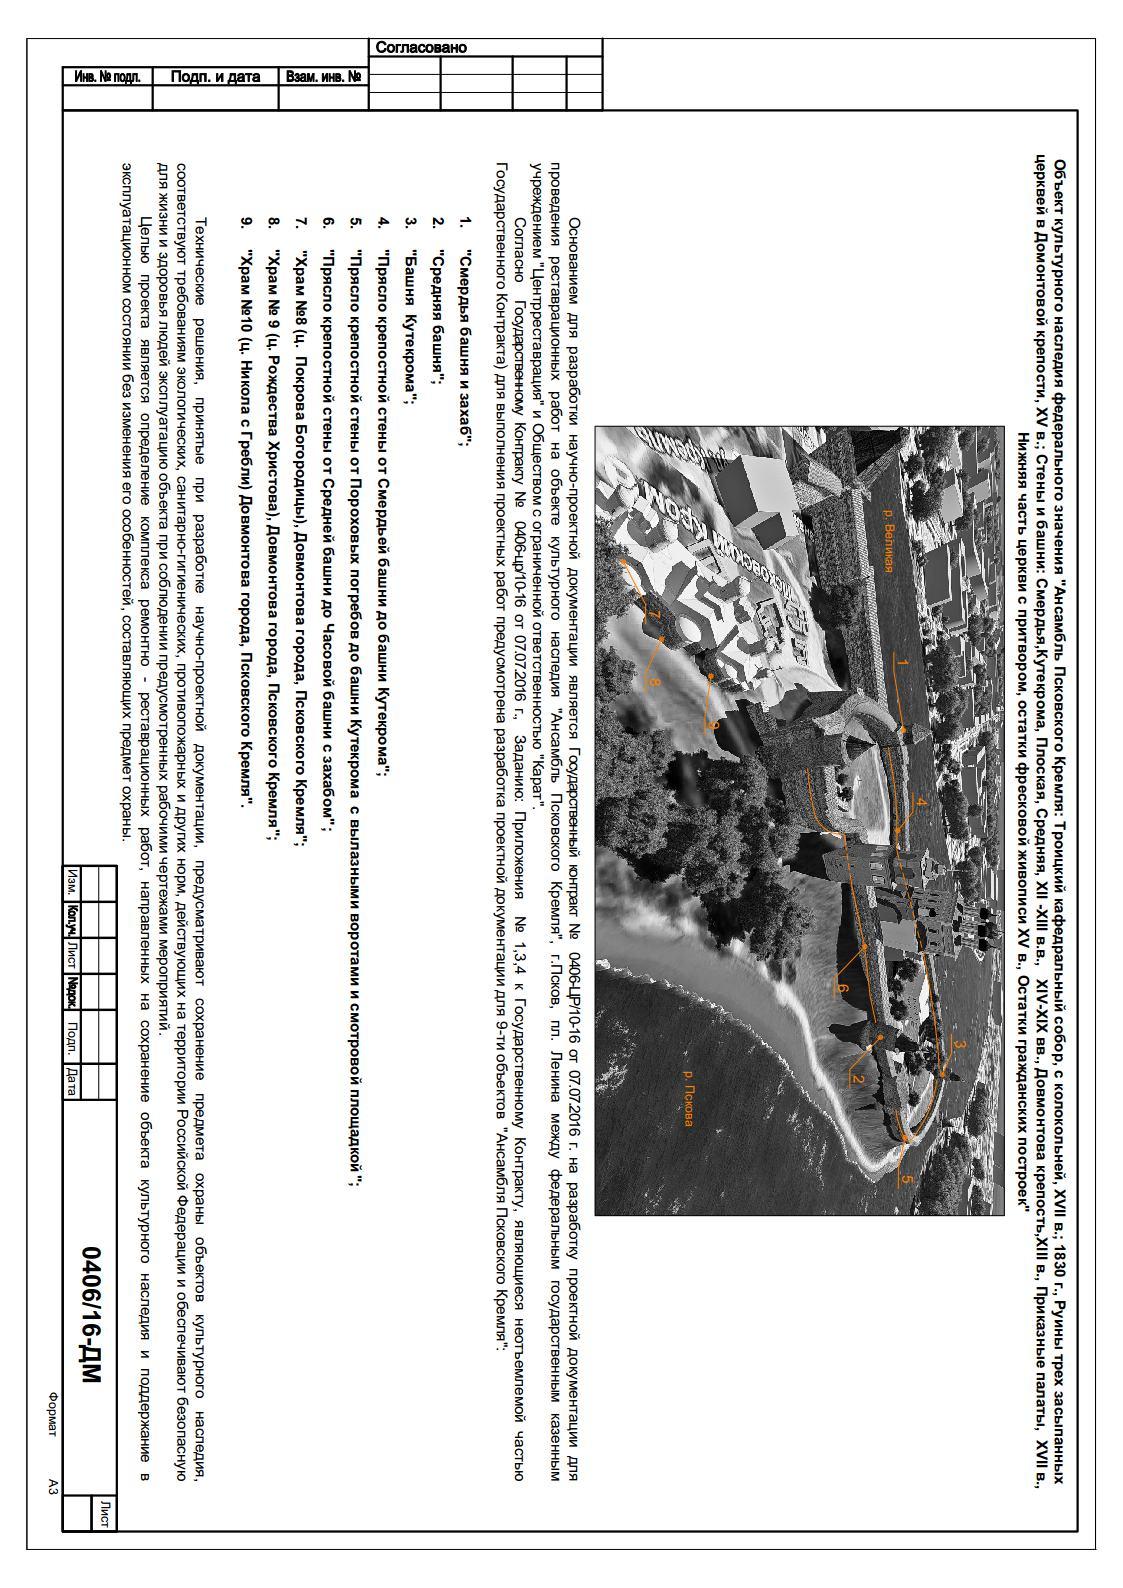 демонстрационный материал ПСКОВ Model (1)jpg_Page2.jpg